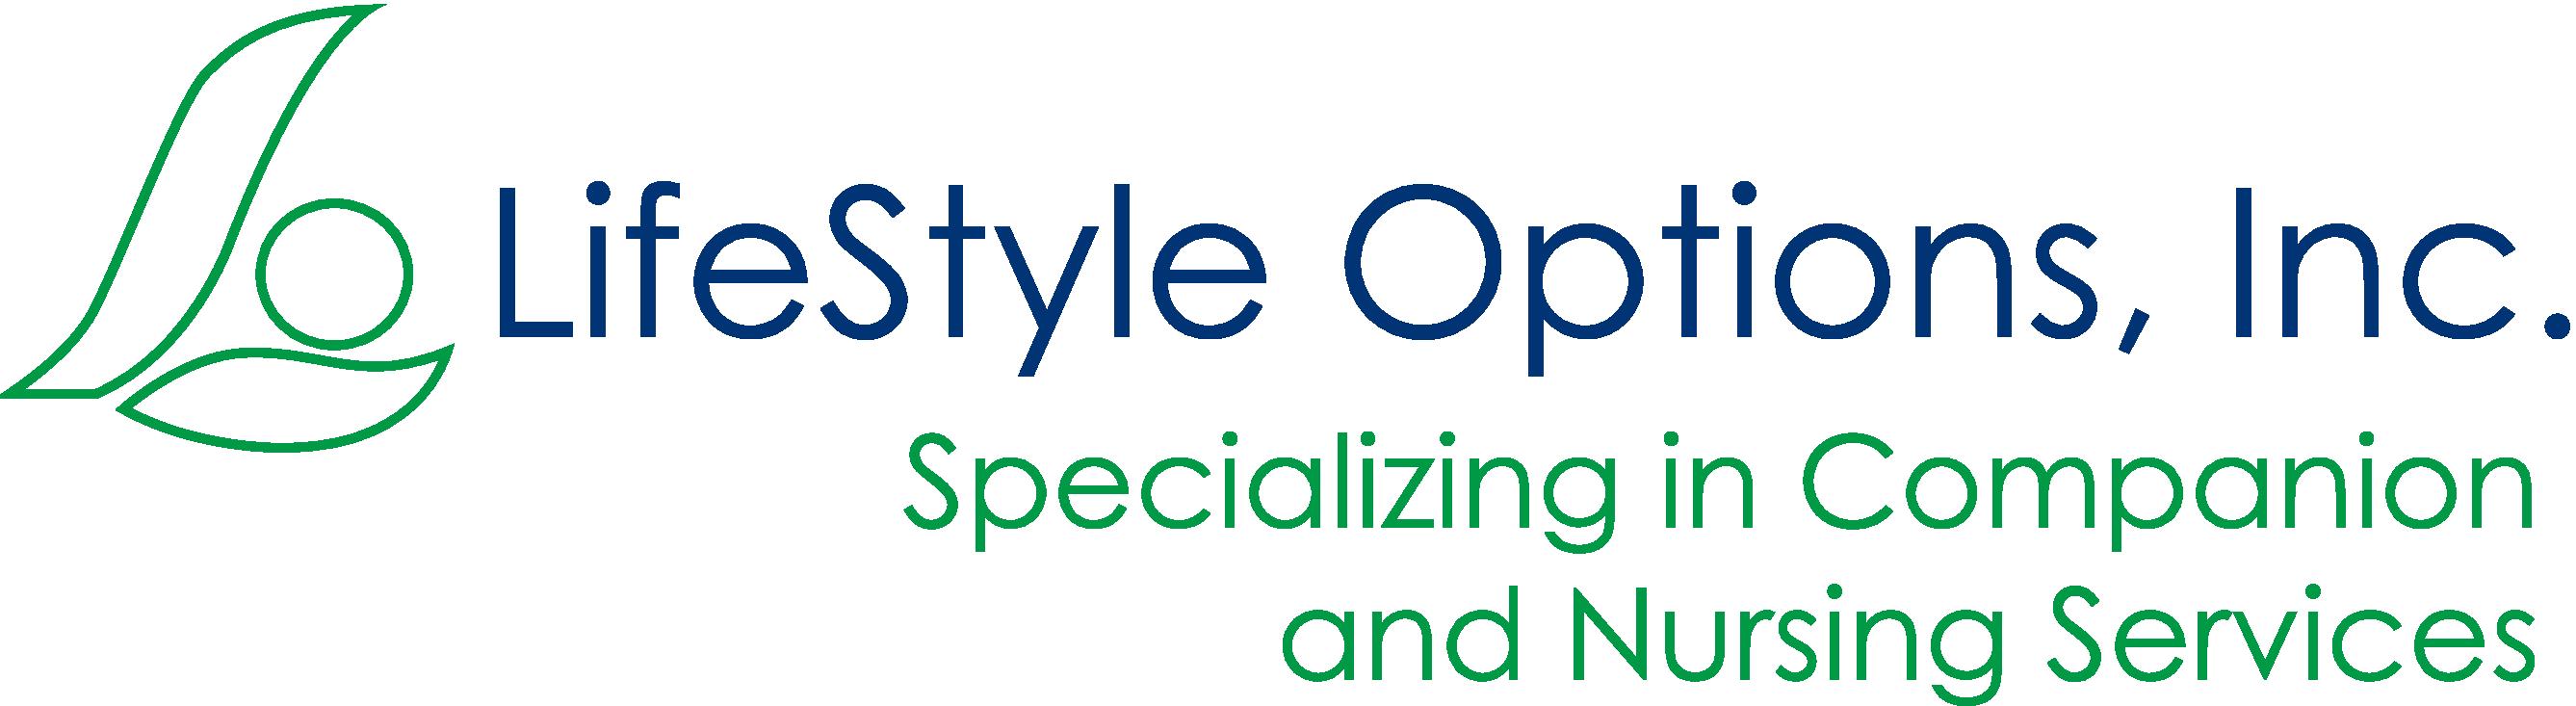 LSO Logo Tagline Transparent.png